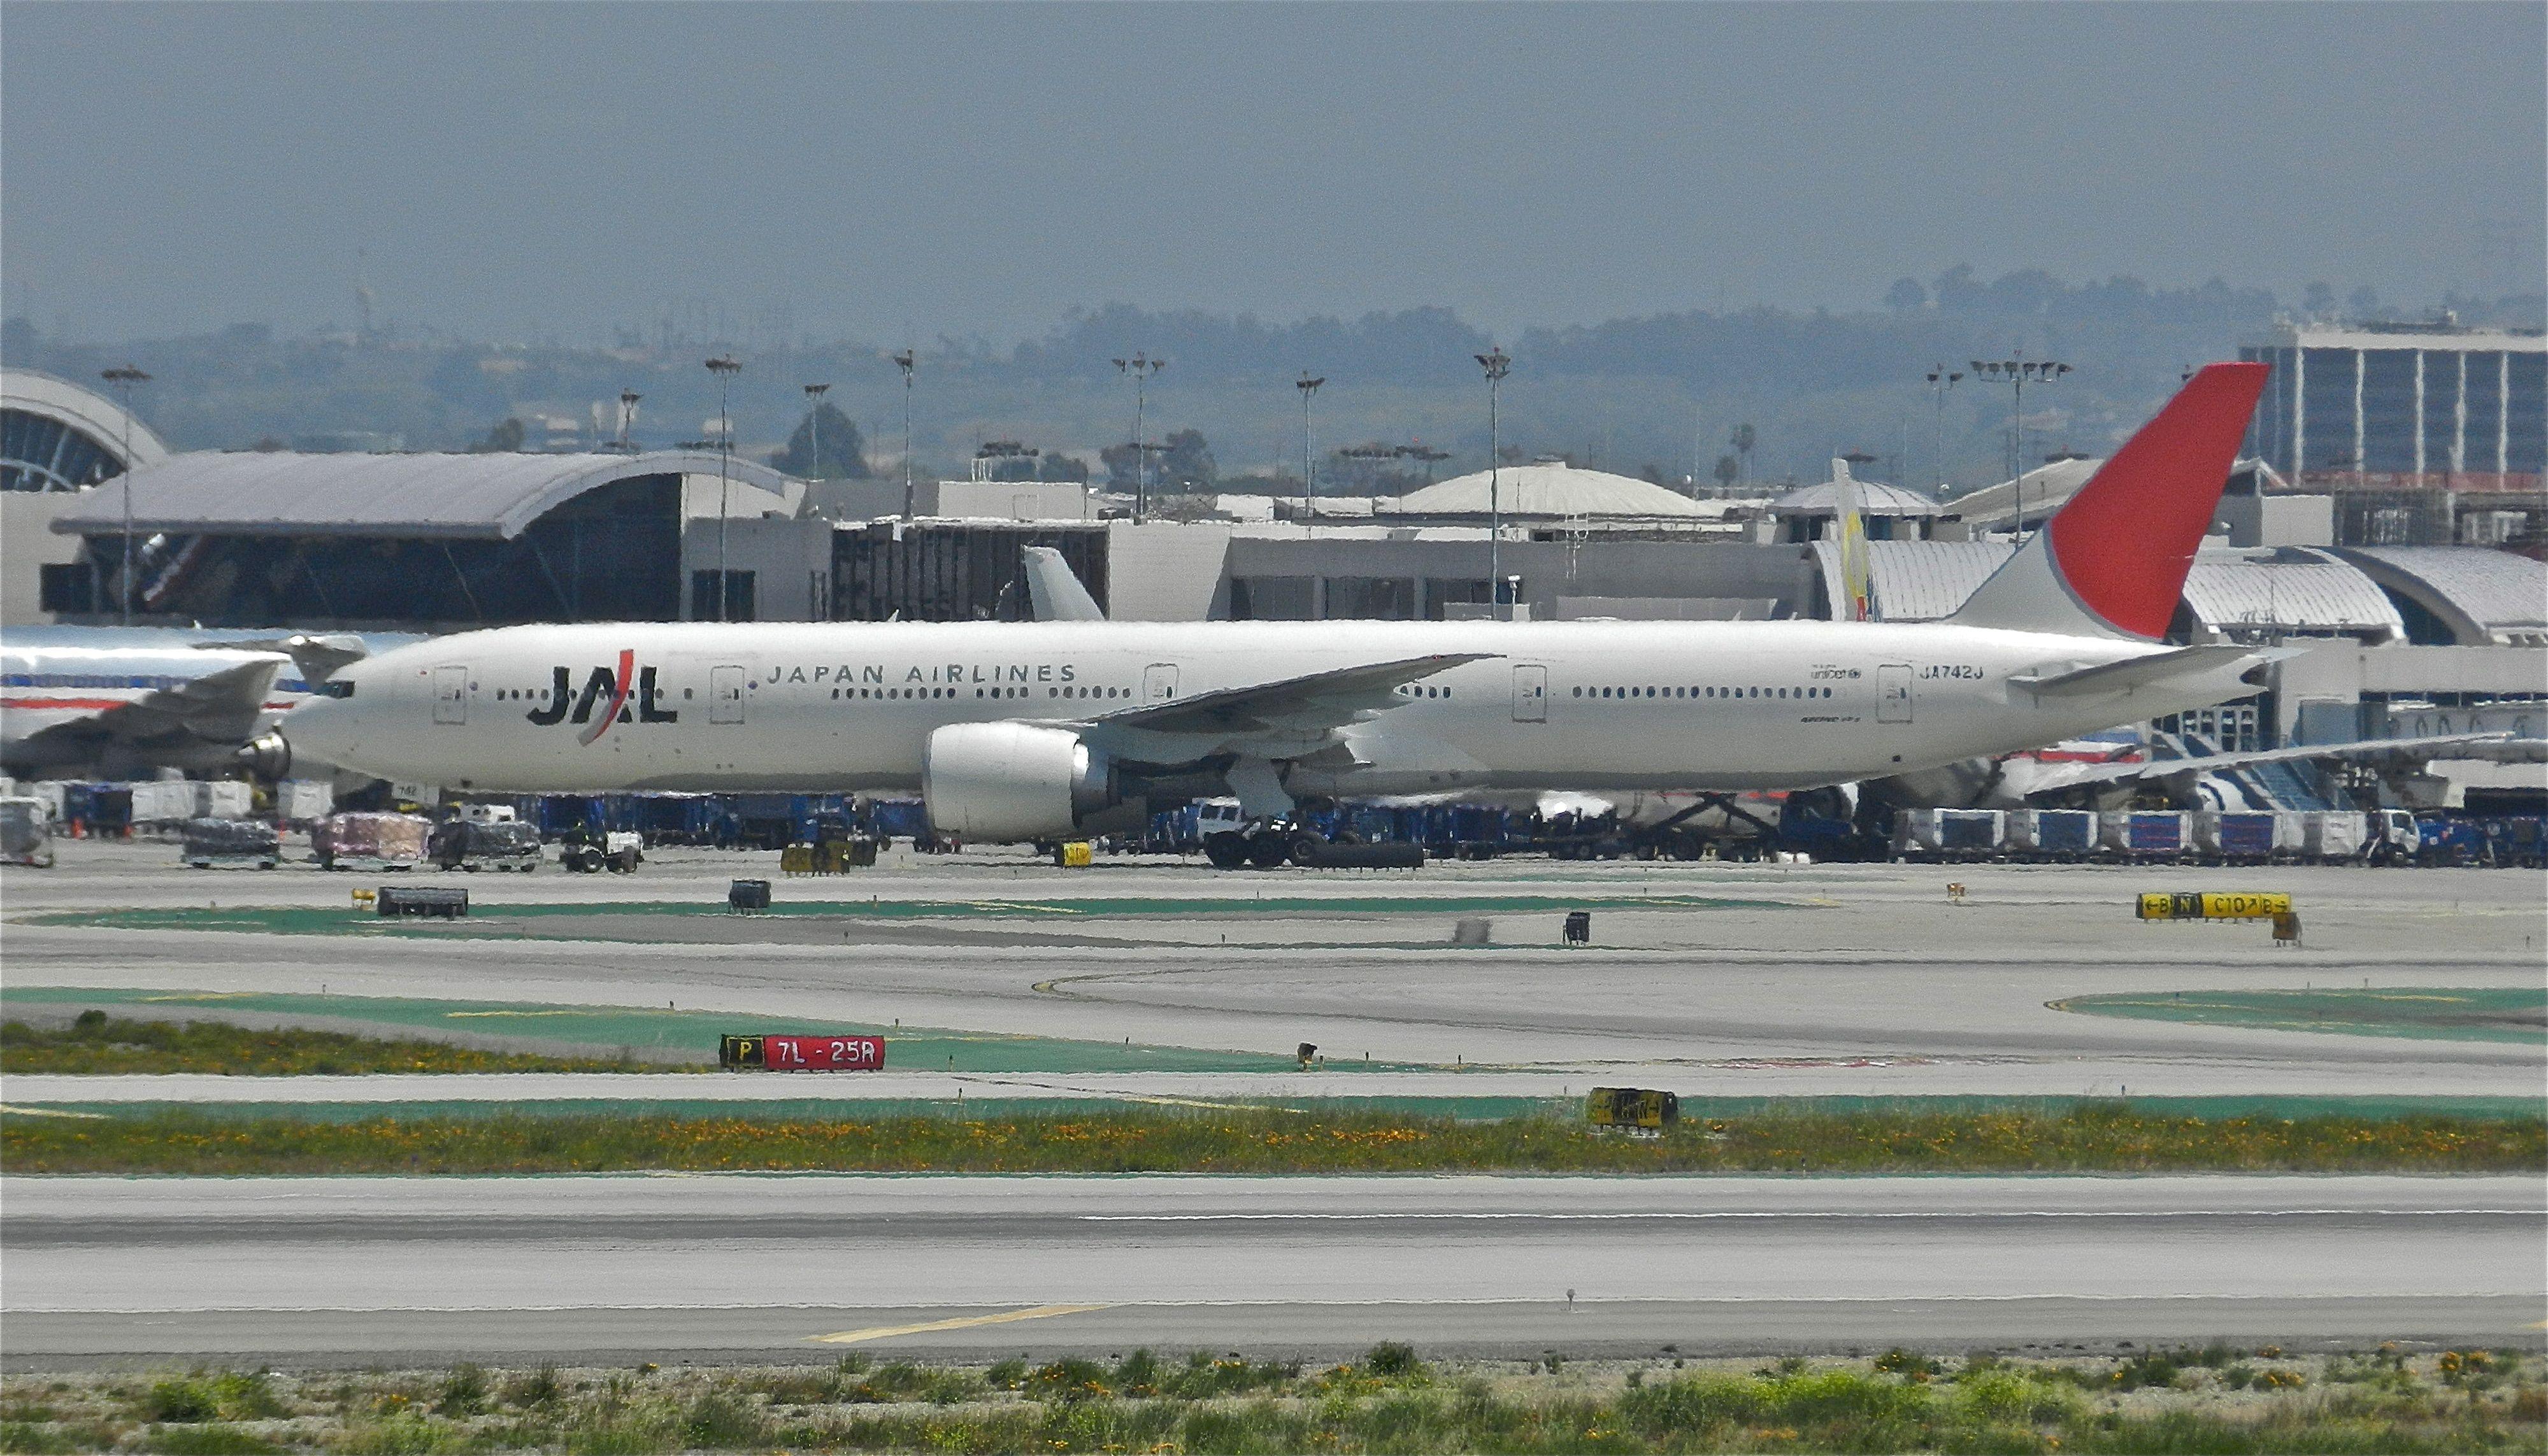 JAL B777-300 at LAX